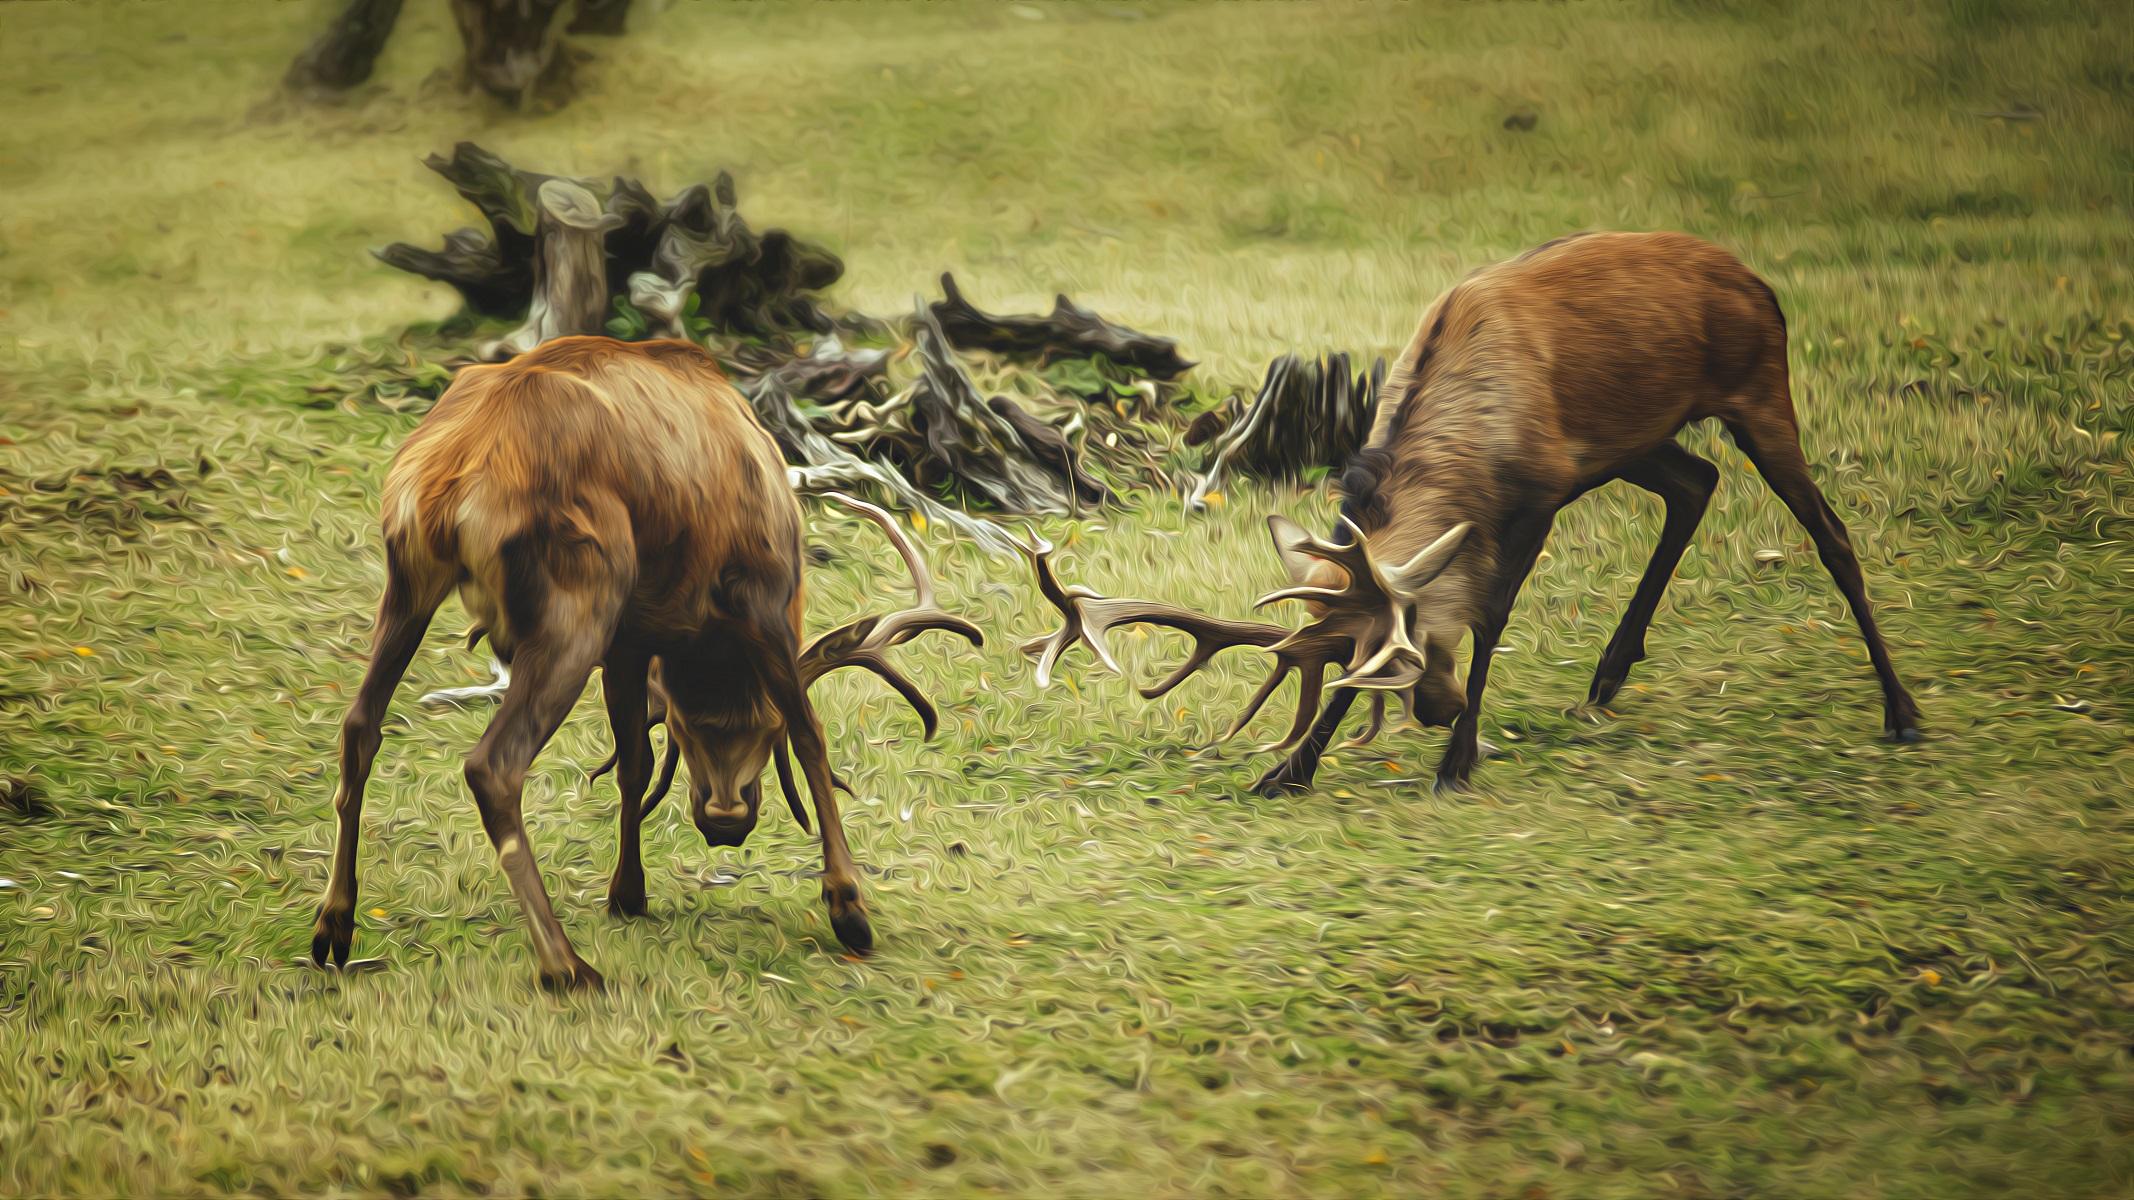 Imagen de ciervos peleando en la reserva biológica Huilo Huilo en el sur de Chile